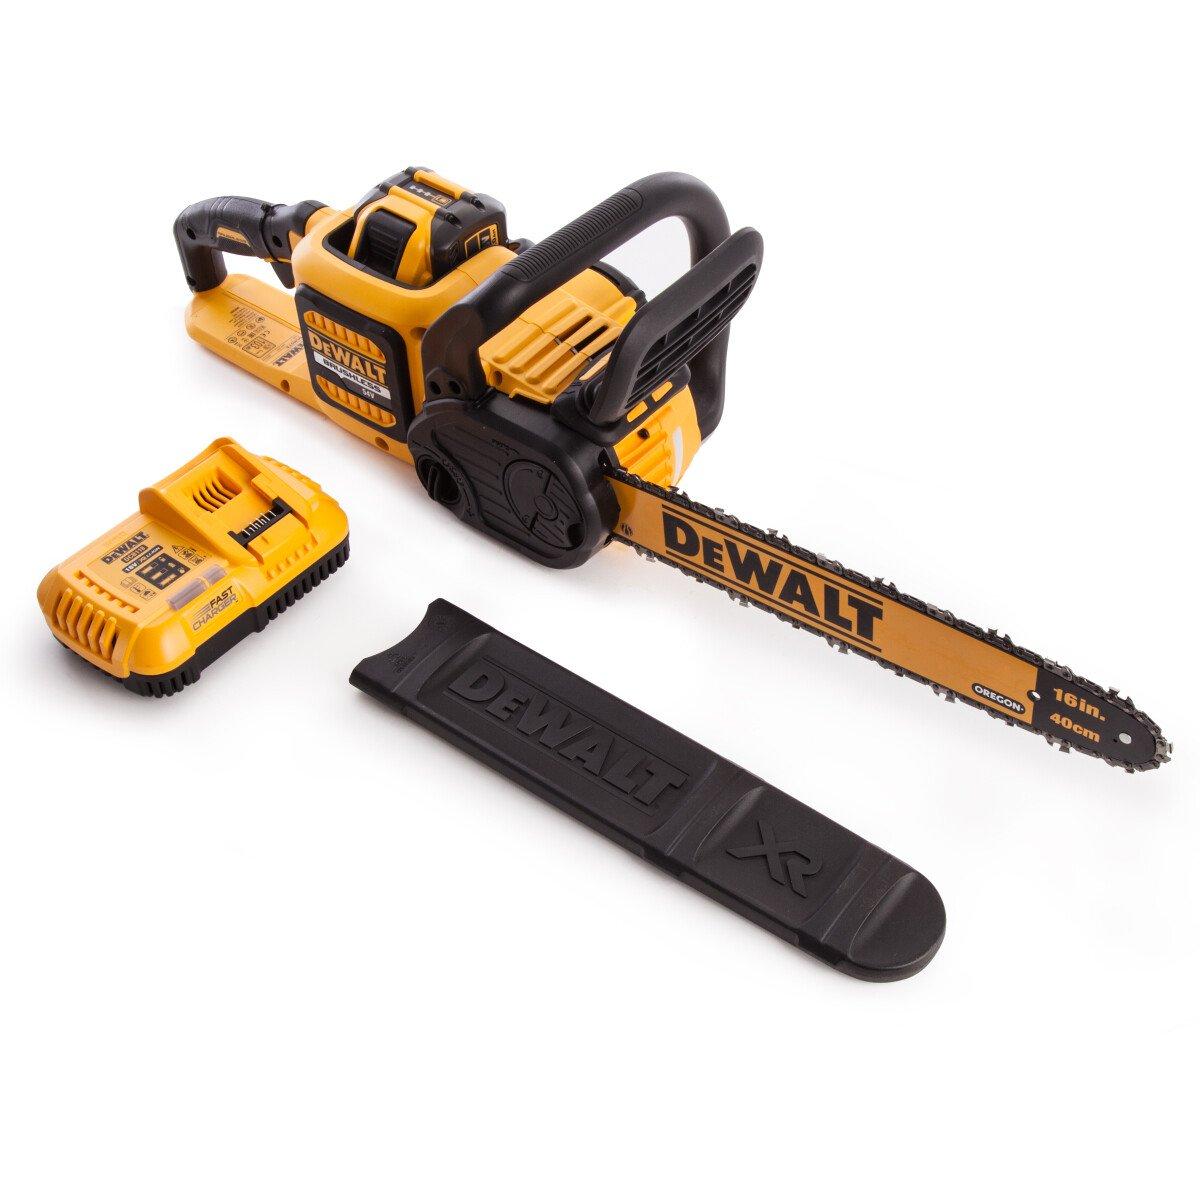 DeWalt DCM575X1-GB 54V XR Flexvolt Chainsaw with 1x 9.0Ah Battery